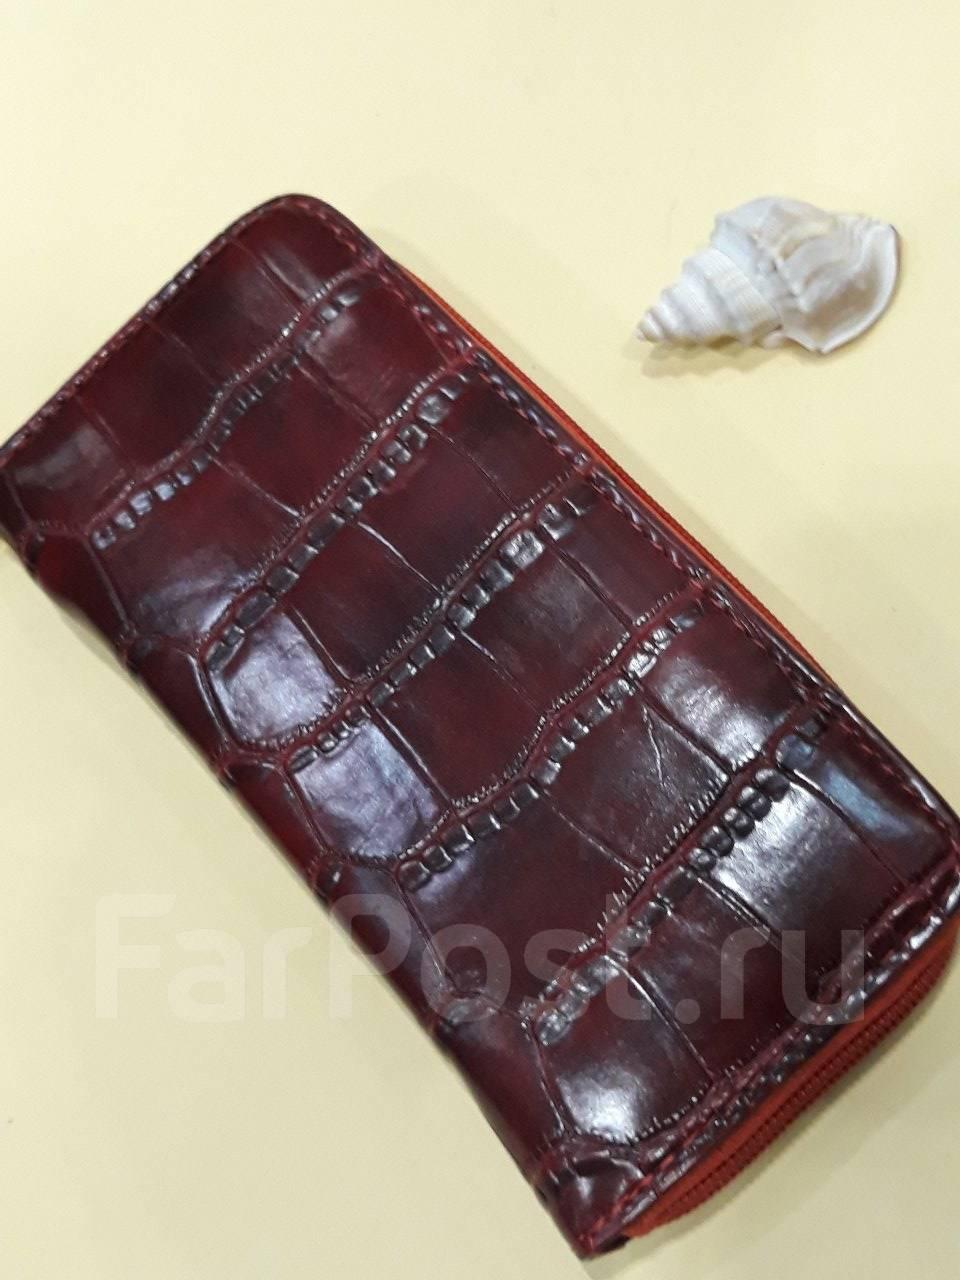 db1d8a1c52fb Кошельки, портмоне, бумажники, для женщин во Владивостоке аксессуары и  бижутерия